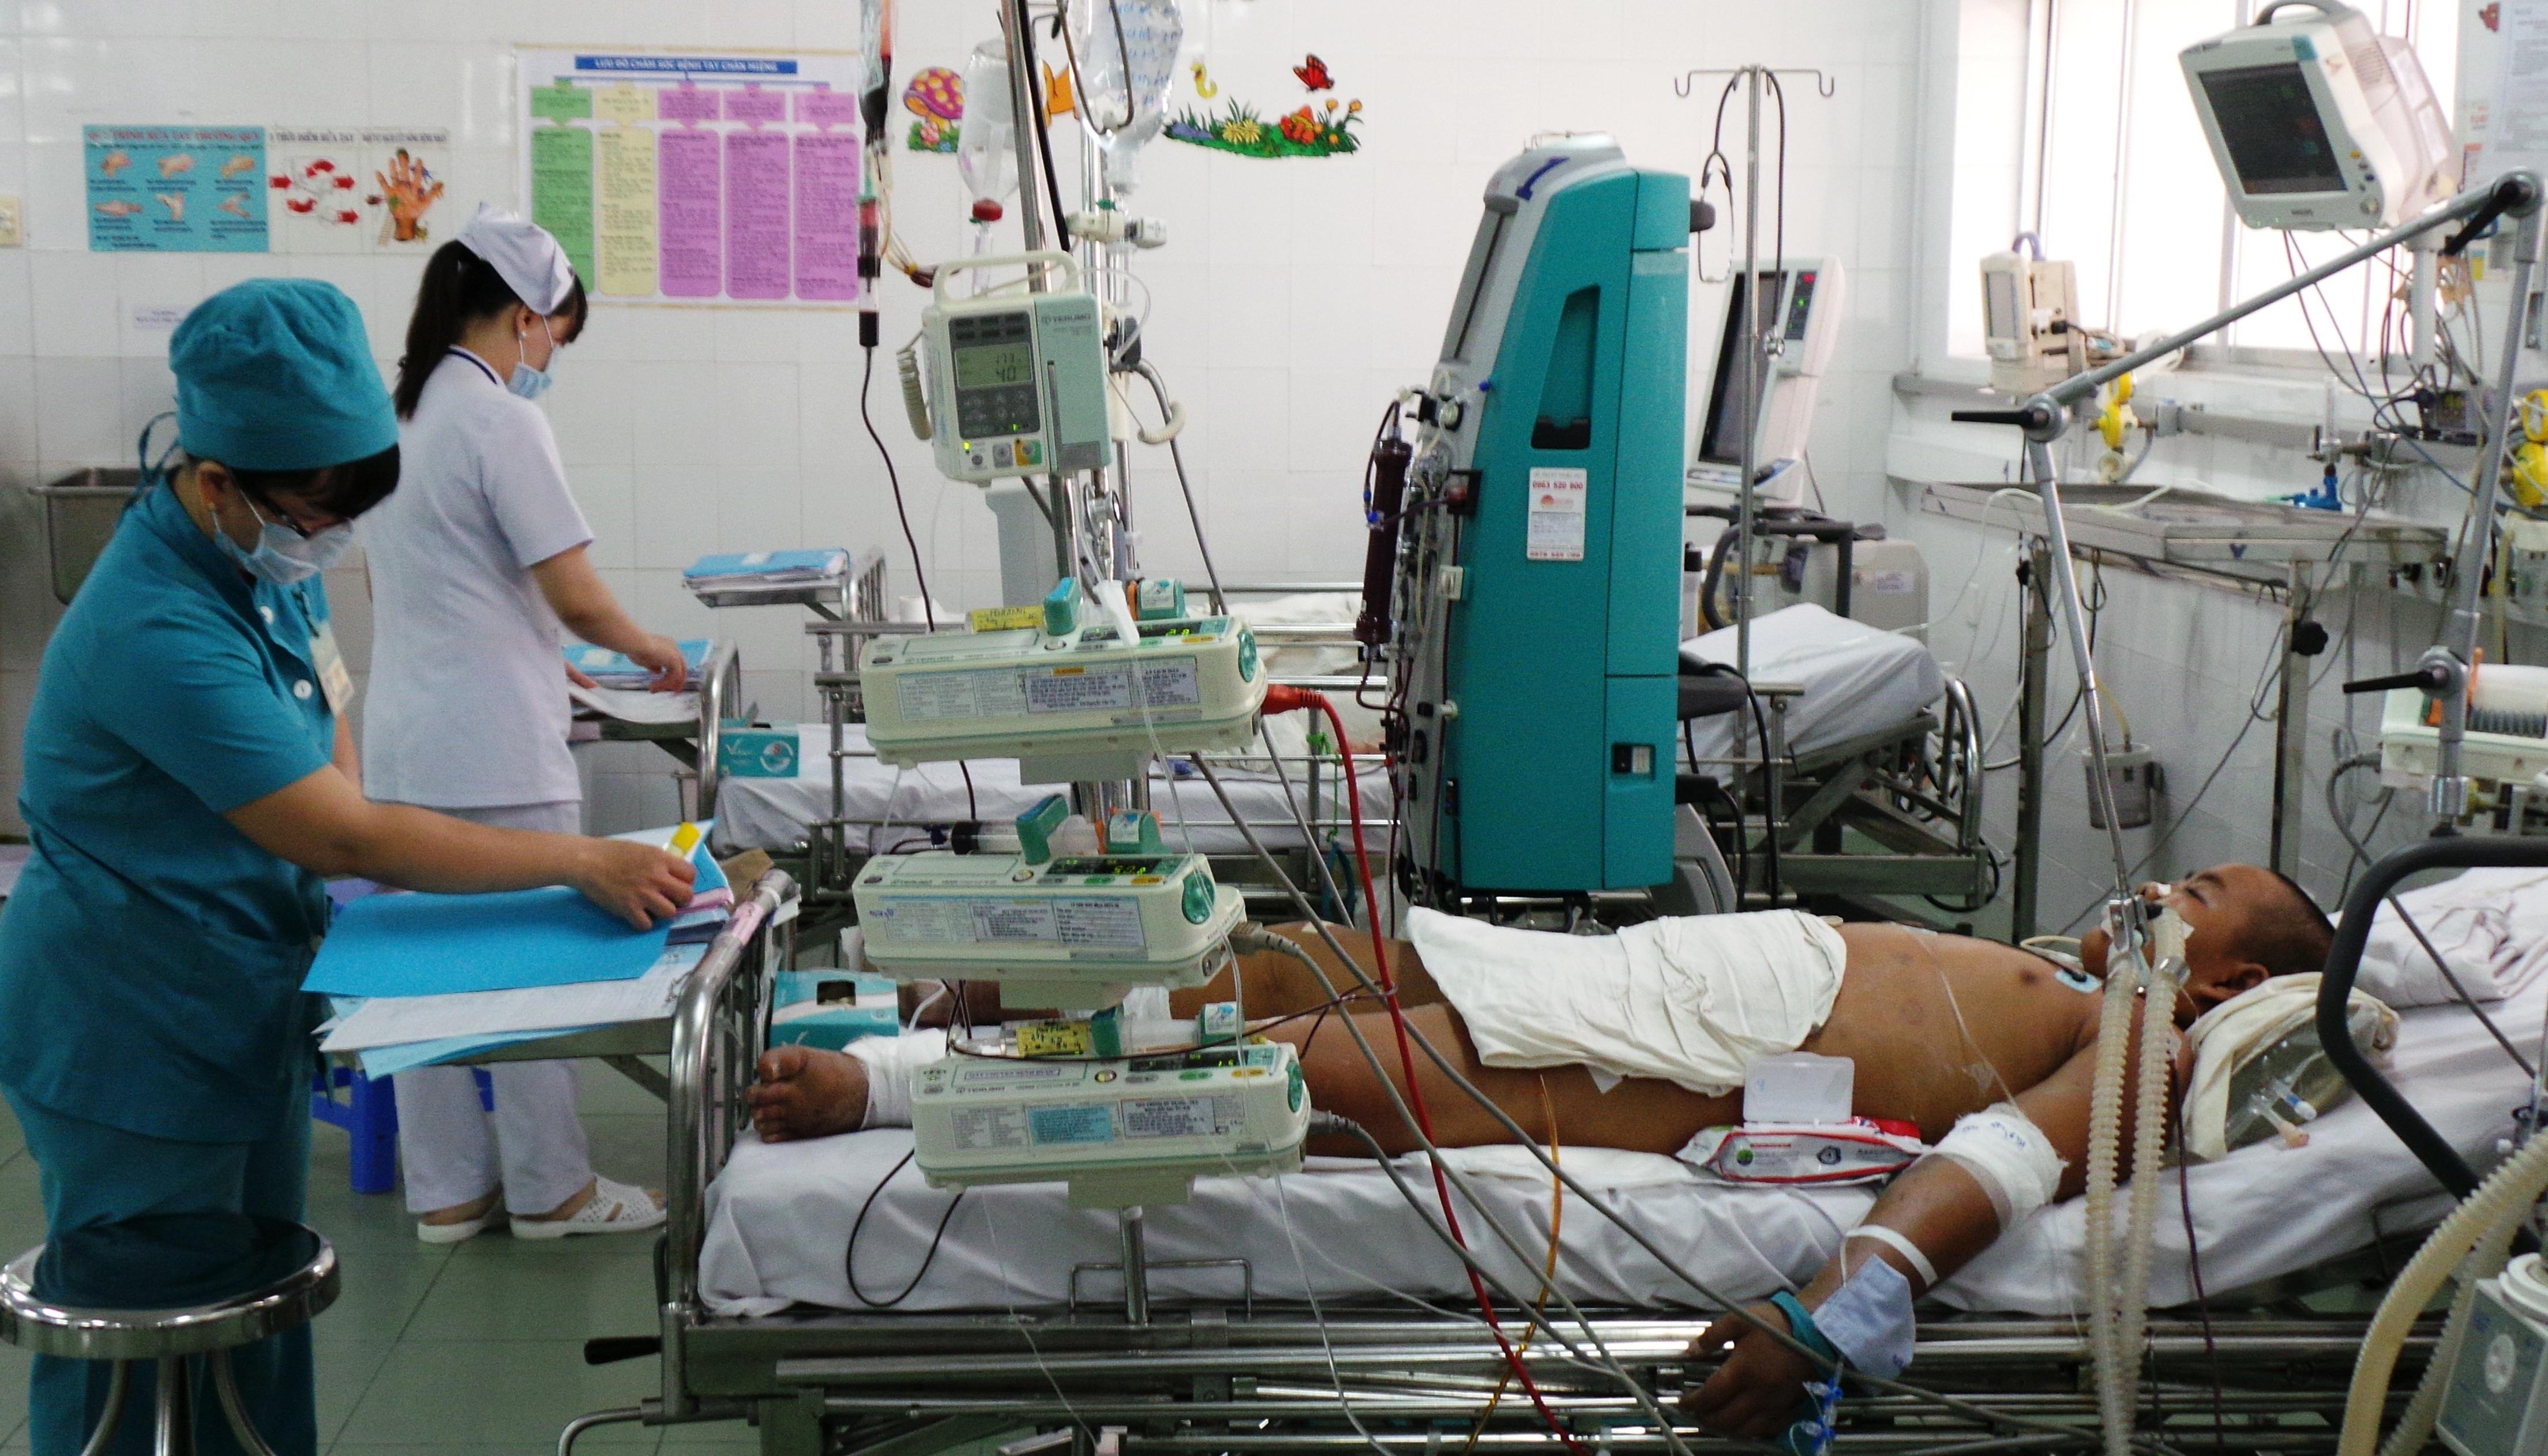 Kháng thuốc khiến thời gian điều trị kéo dài, phát sinh thêm chi phí, nguy cơ tử vong cao